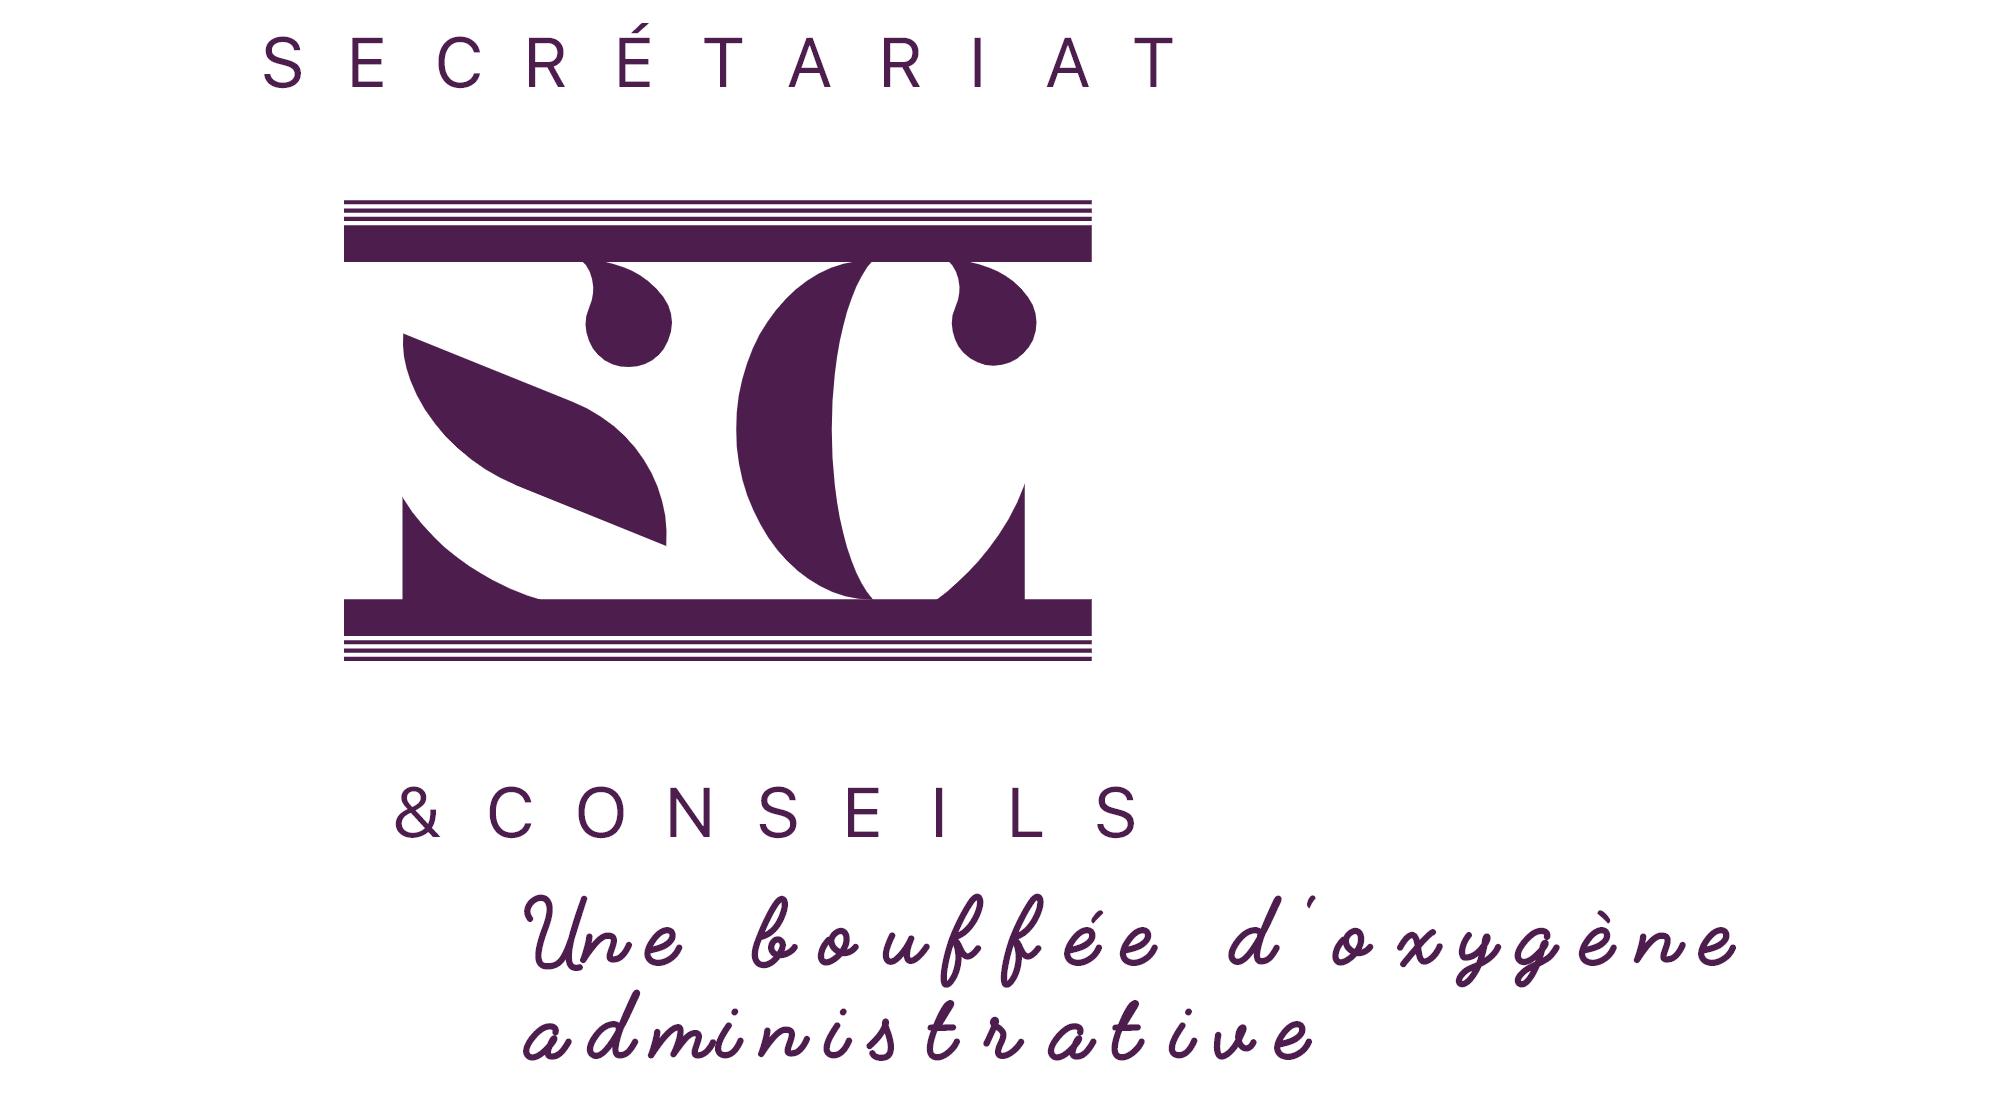 Secrétariat & Conseils